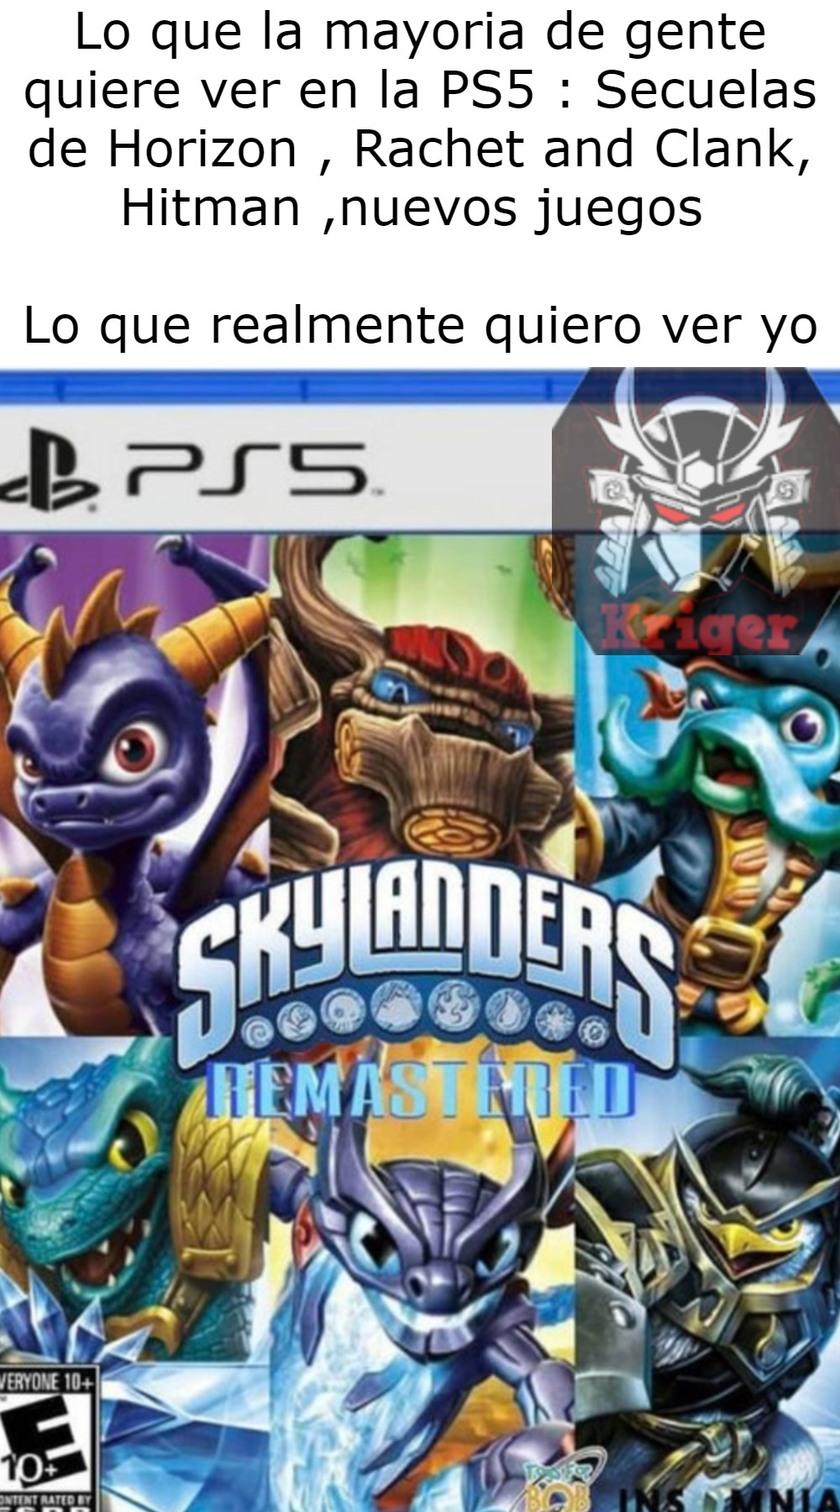 Soñar es gratis.  Skylanders fue una gran parte de mi infancia , y seria muy bonito que este fan art fuese realidad. - meme